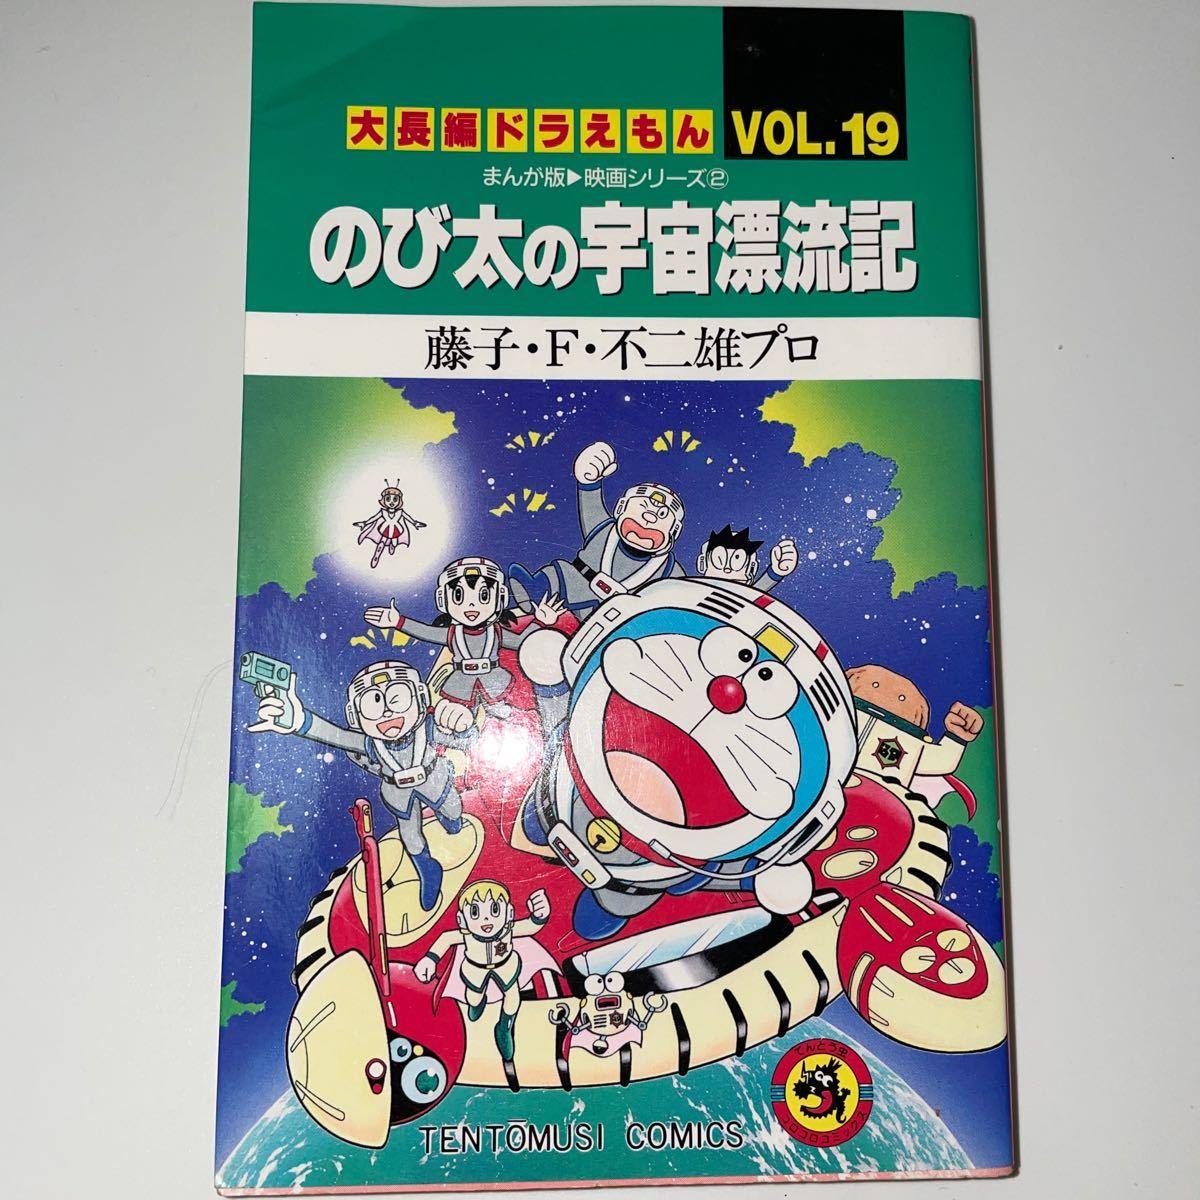 大長編ドラえもん Vol.19 のび太の宇宙漂流記/藤子F不二雄プロ